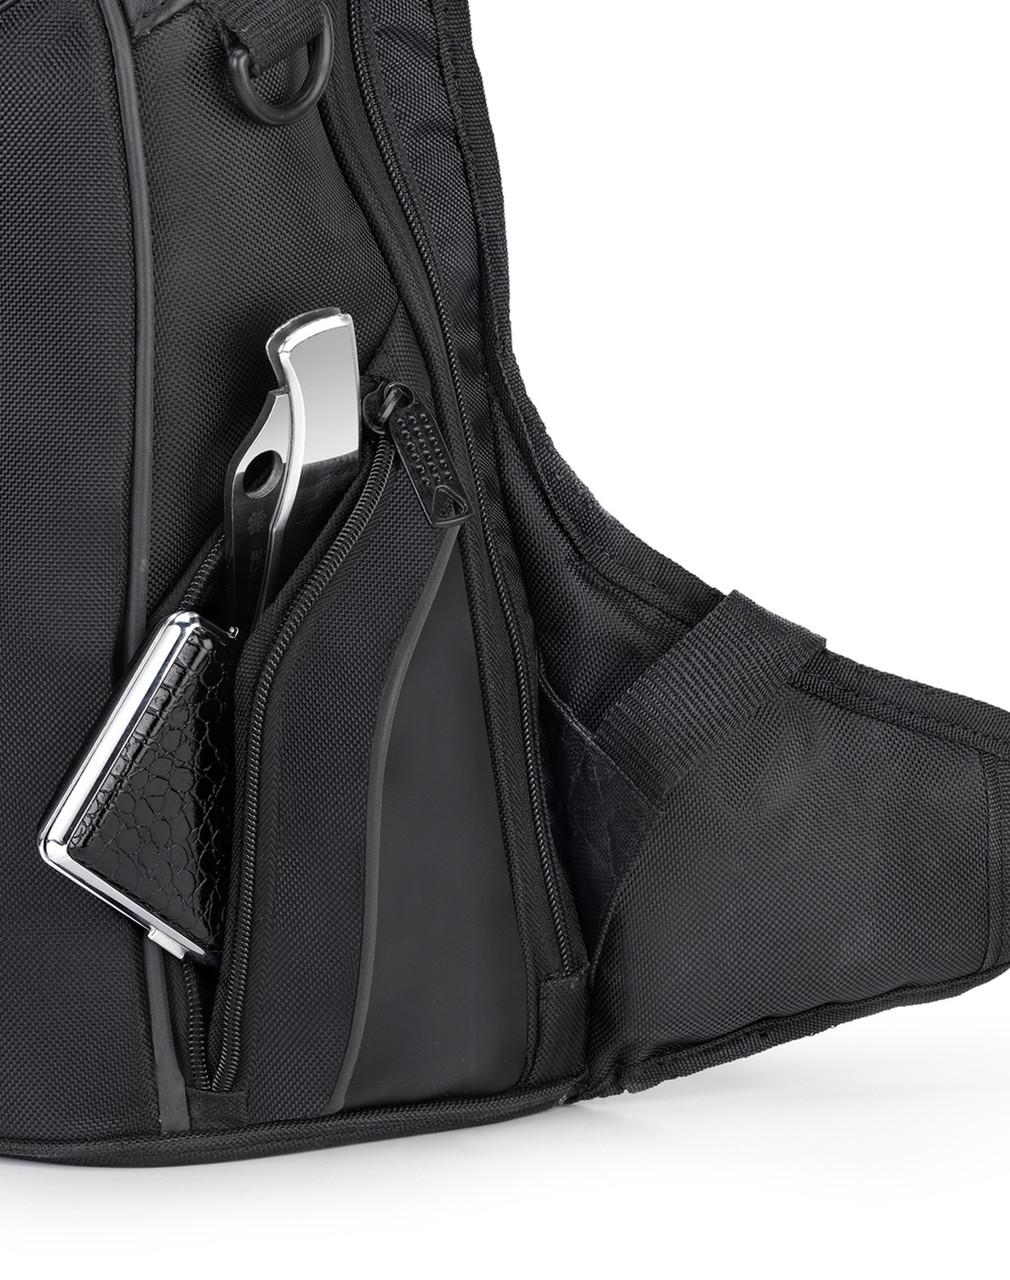 Viking Medium Black Backpack For Harley Davidson Front Pocket